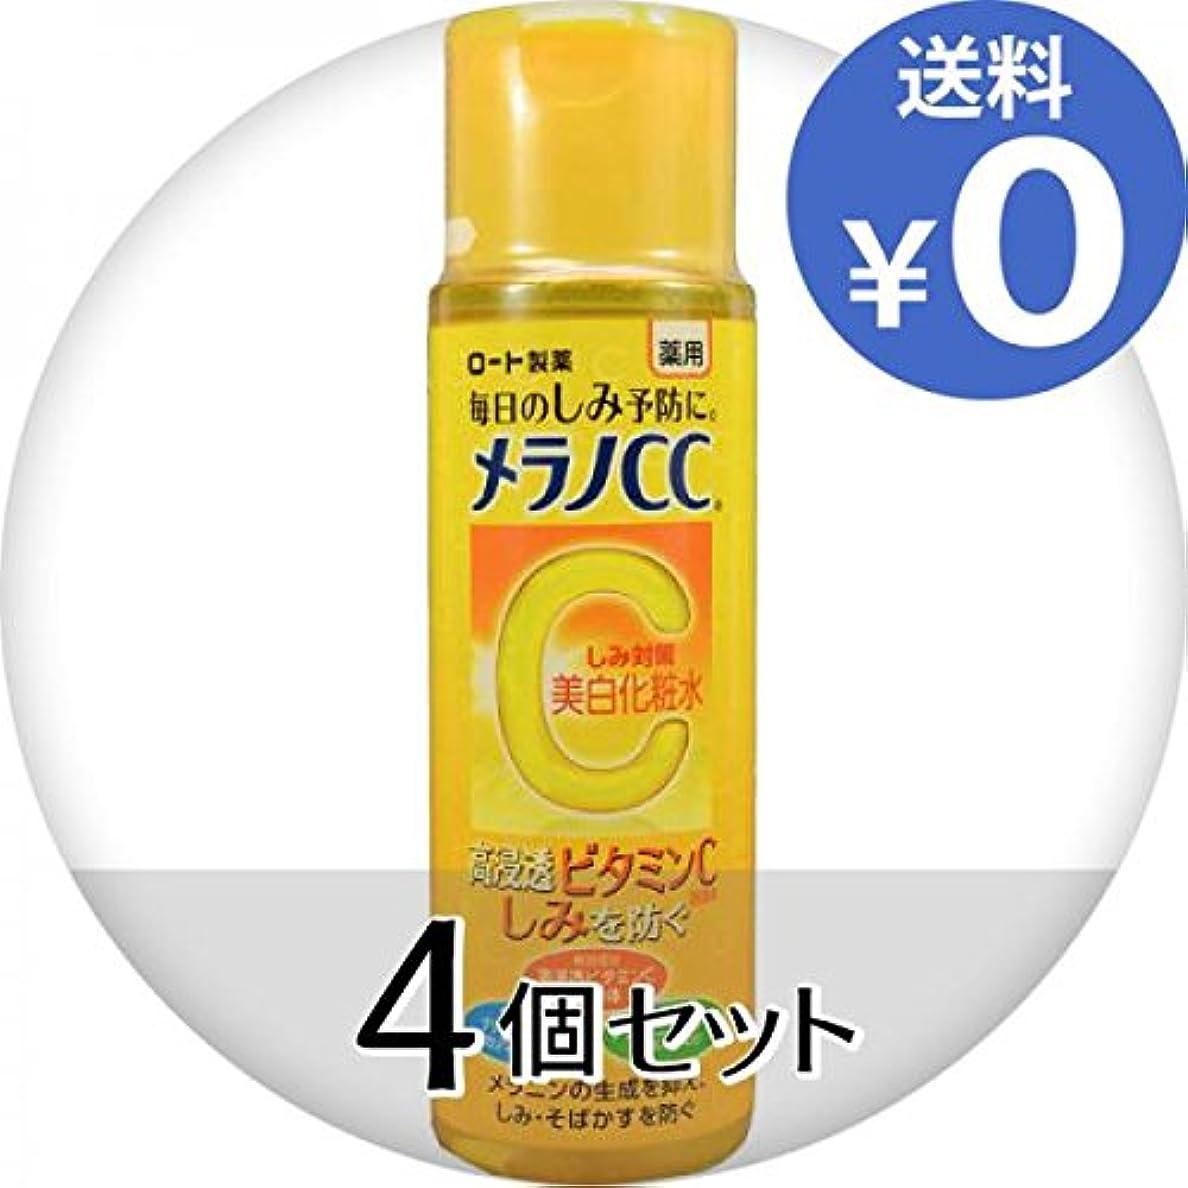 石大脳公演【セット品】メラノCC 薬用しみ対策 美白化粧水 170mL (医薬部外品) (4個)